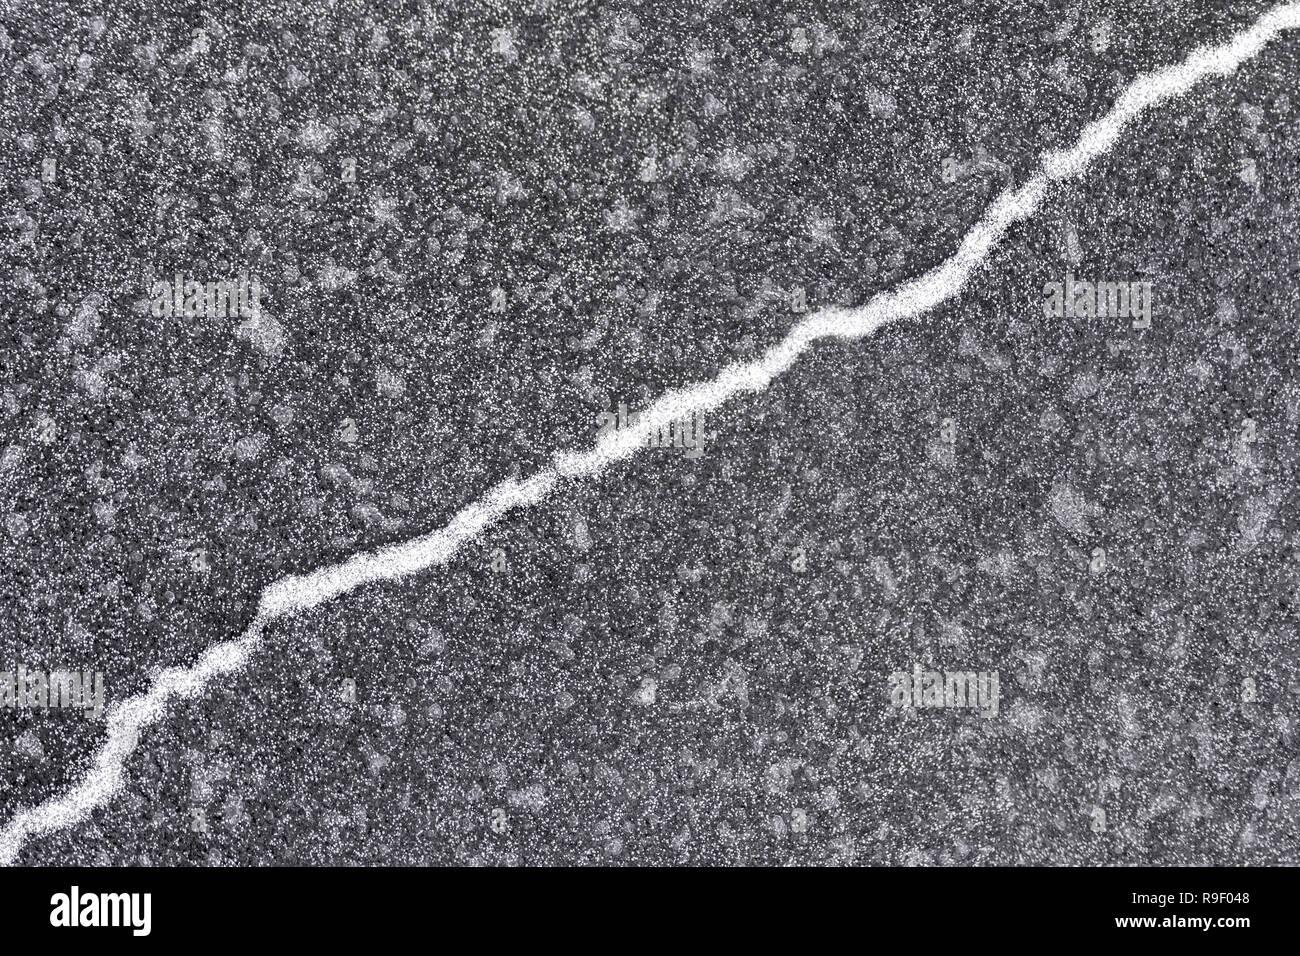 Den Riss auf der grauen Eis in Pulverform mit Schnee und läuft schräg nach oben. Stockfoto